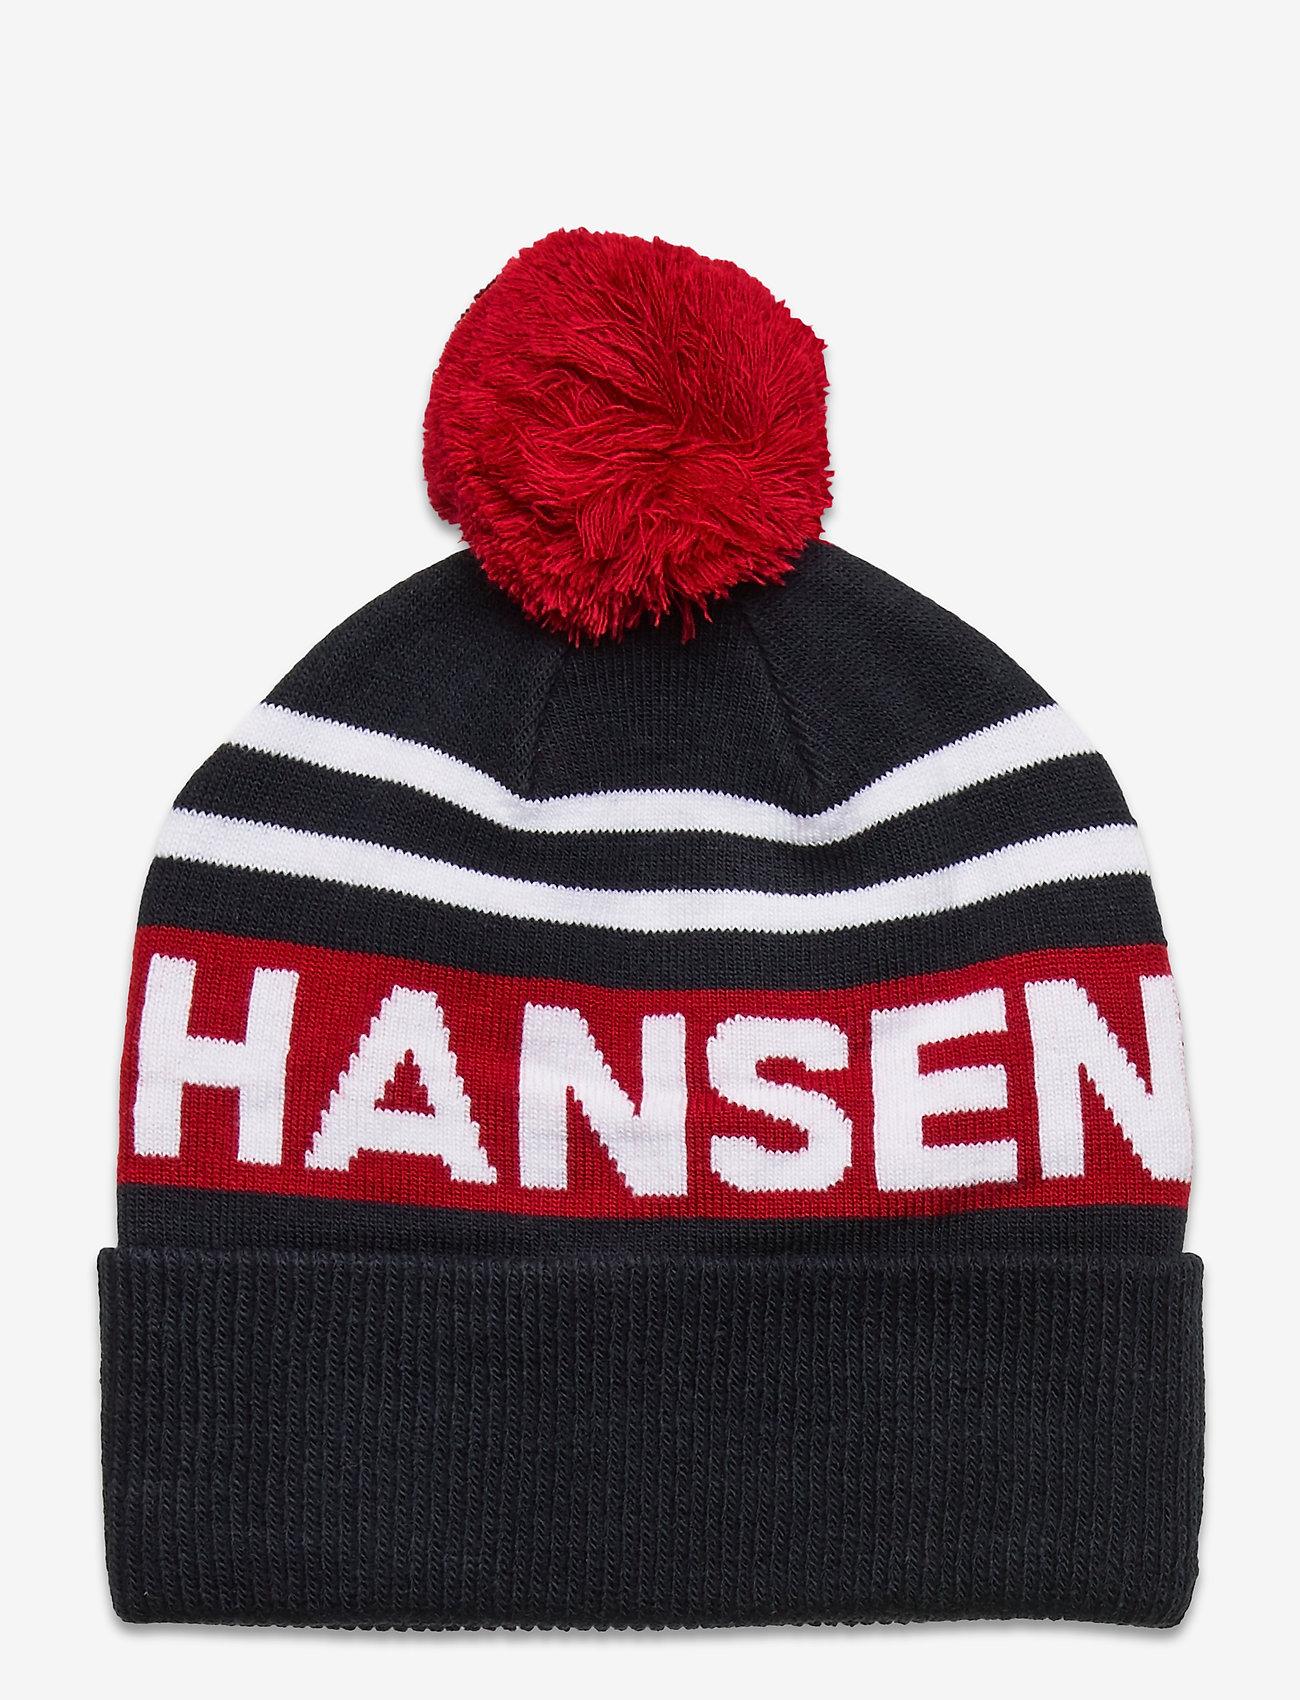 Helly Hansen - RIDGELINE BEANIE - huer - 597 navy - 1